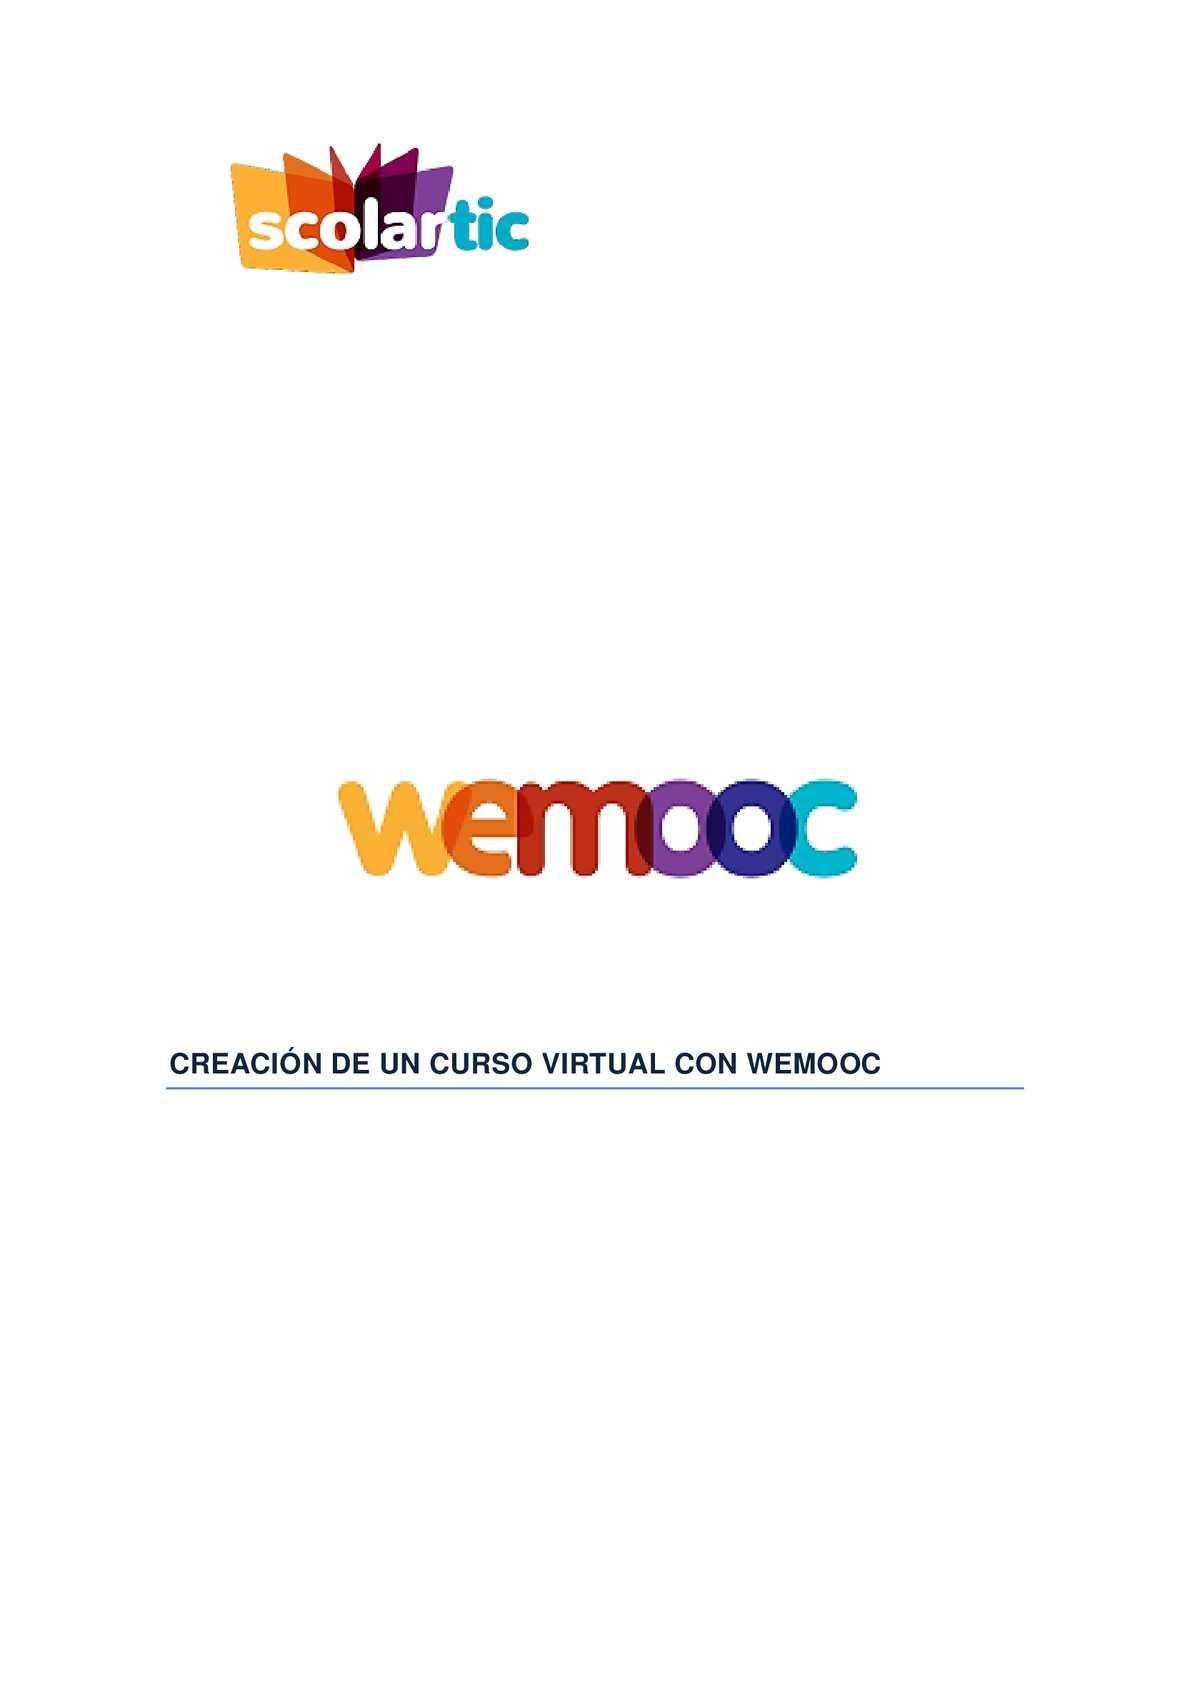 MANUAL DE WEMOOC